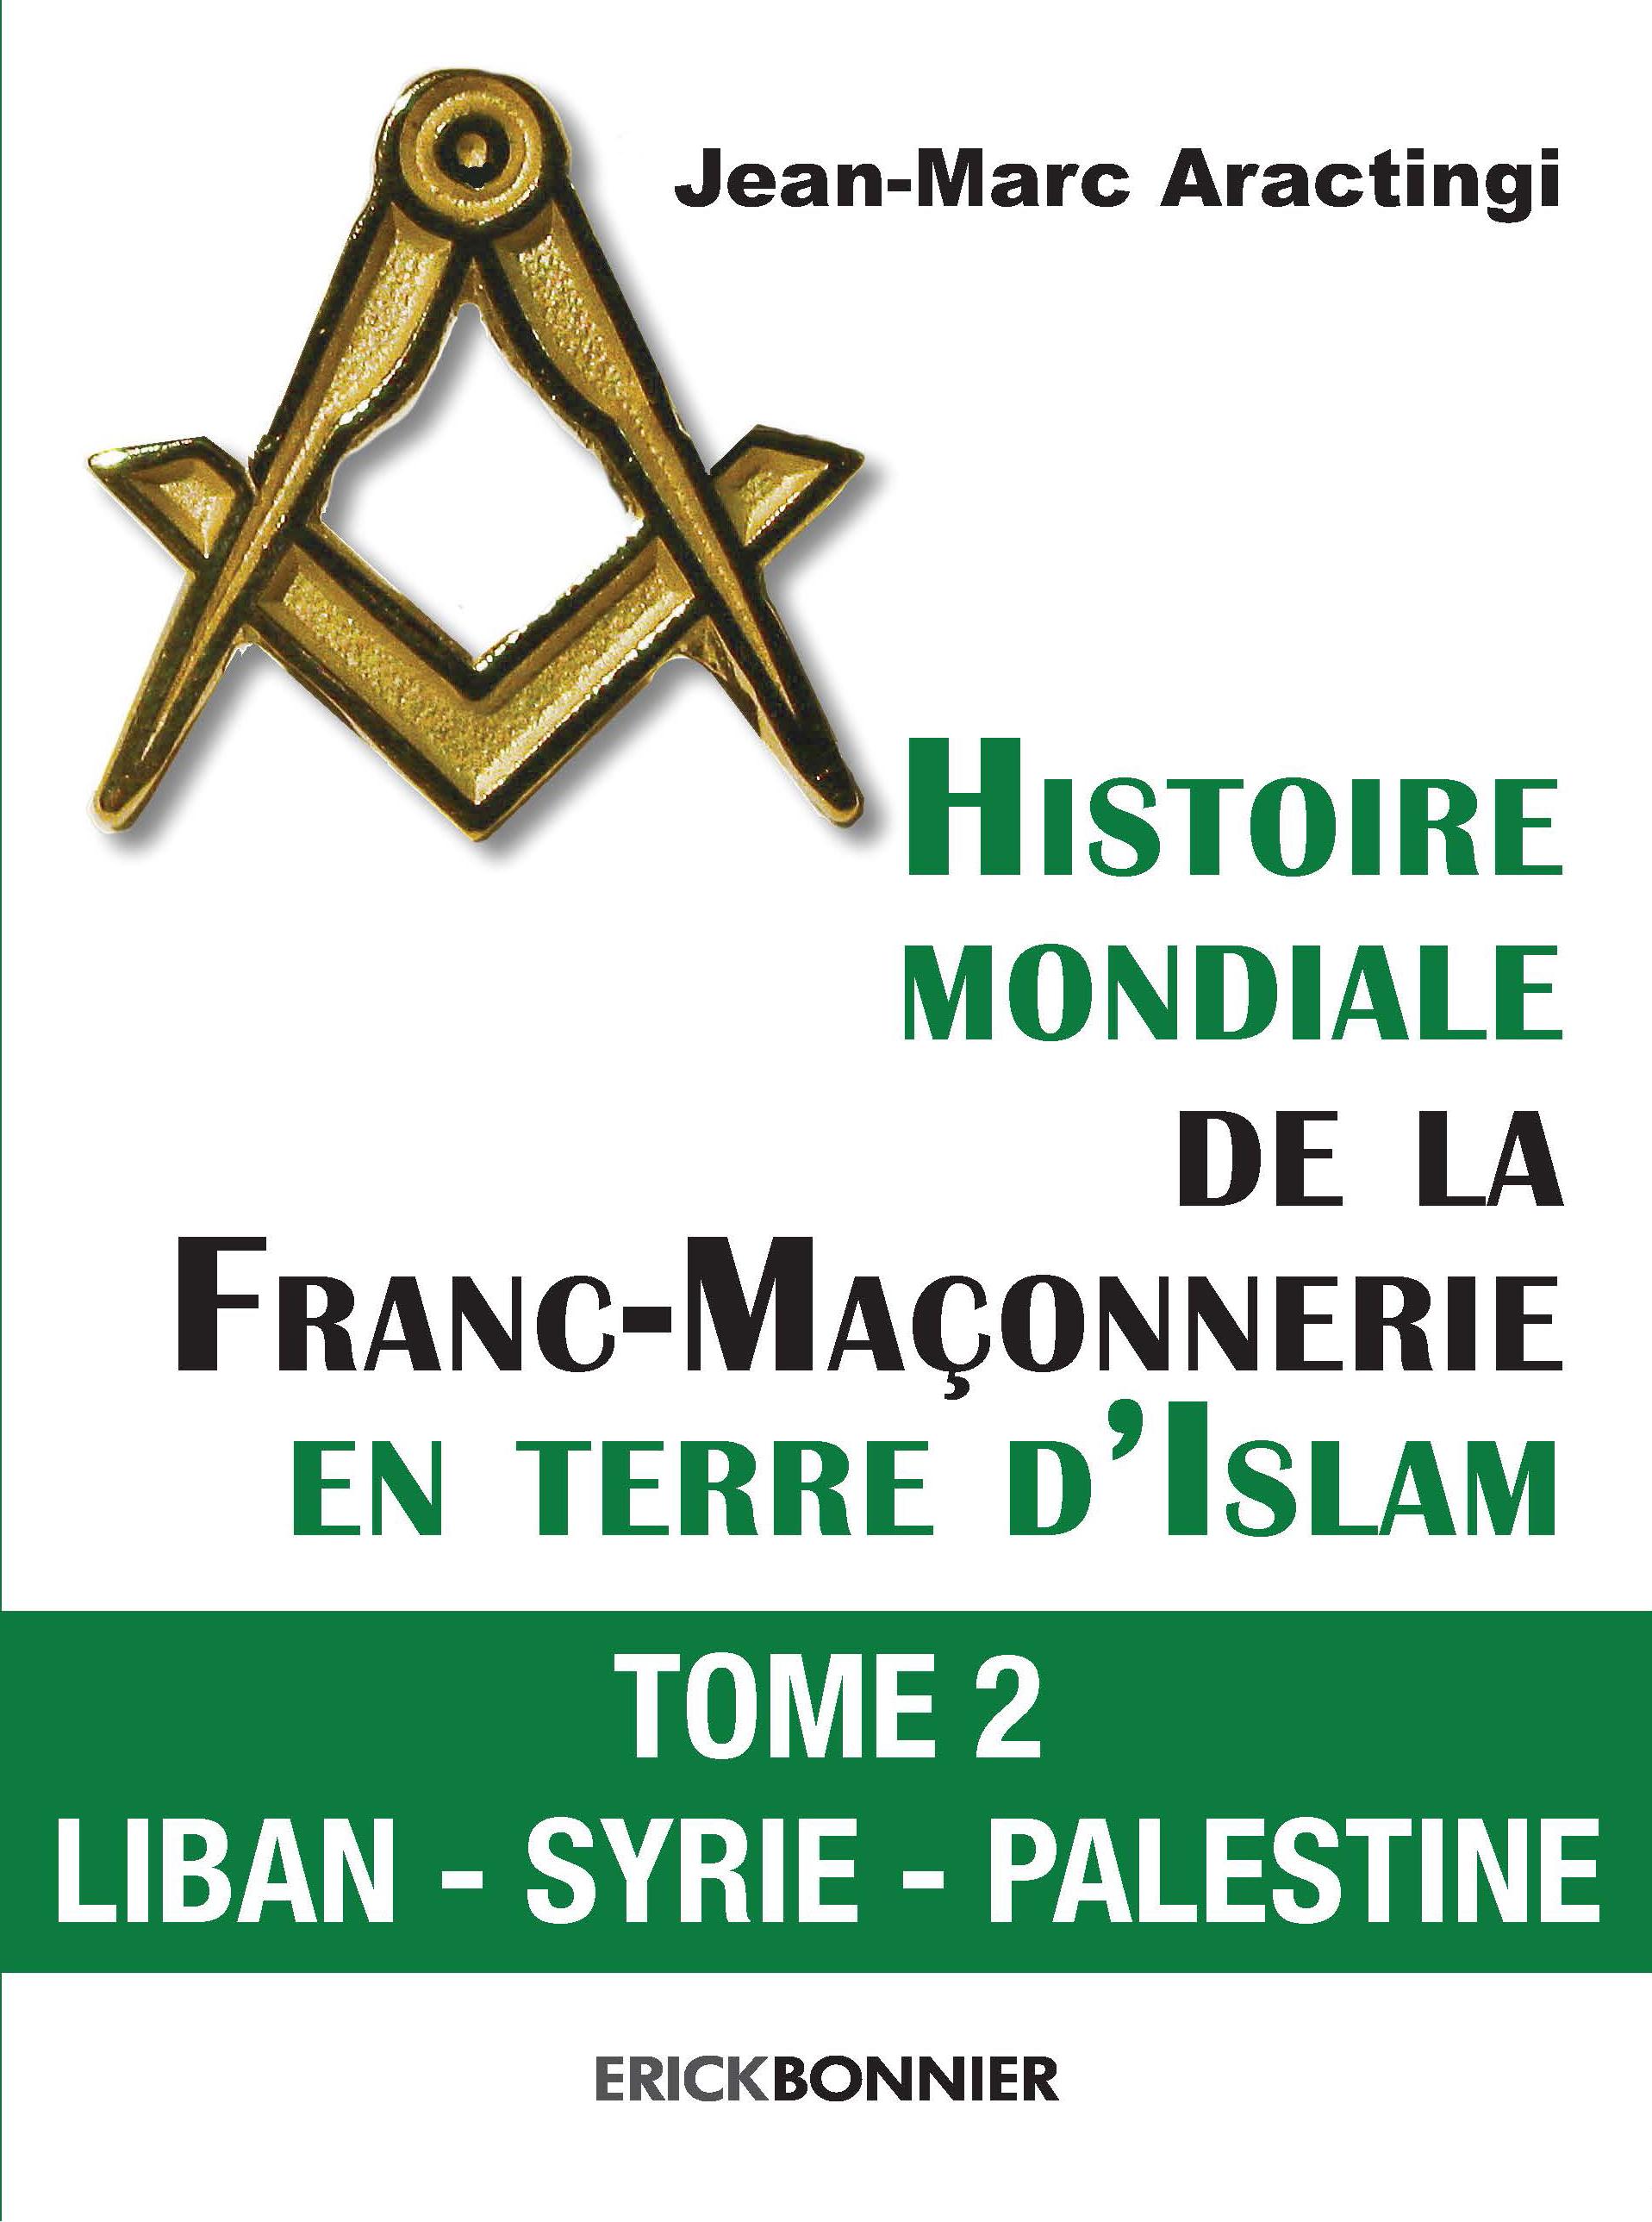 HISTOIRE MONDIALE DELA FRANC-MAÇONNERIE EN TERRE D'ISLAM TOME 2